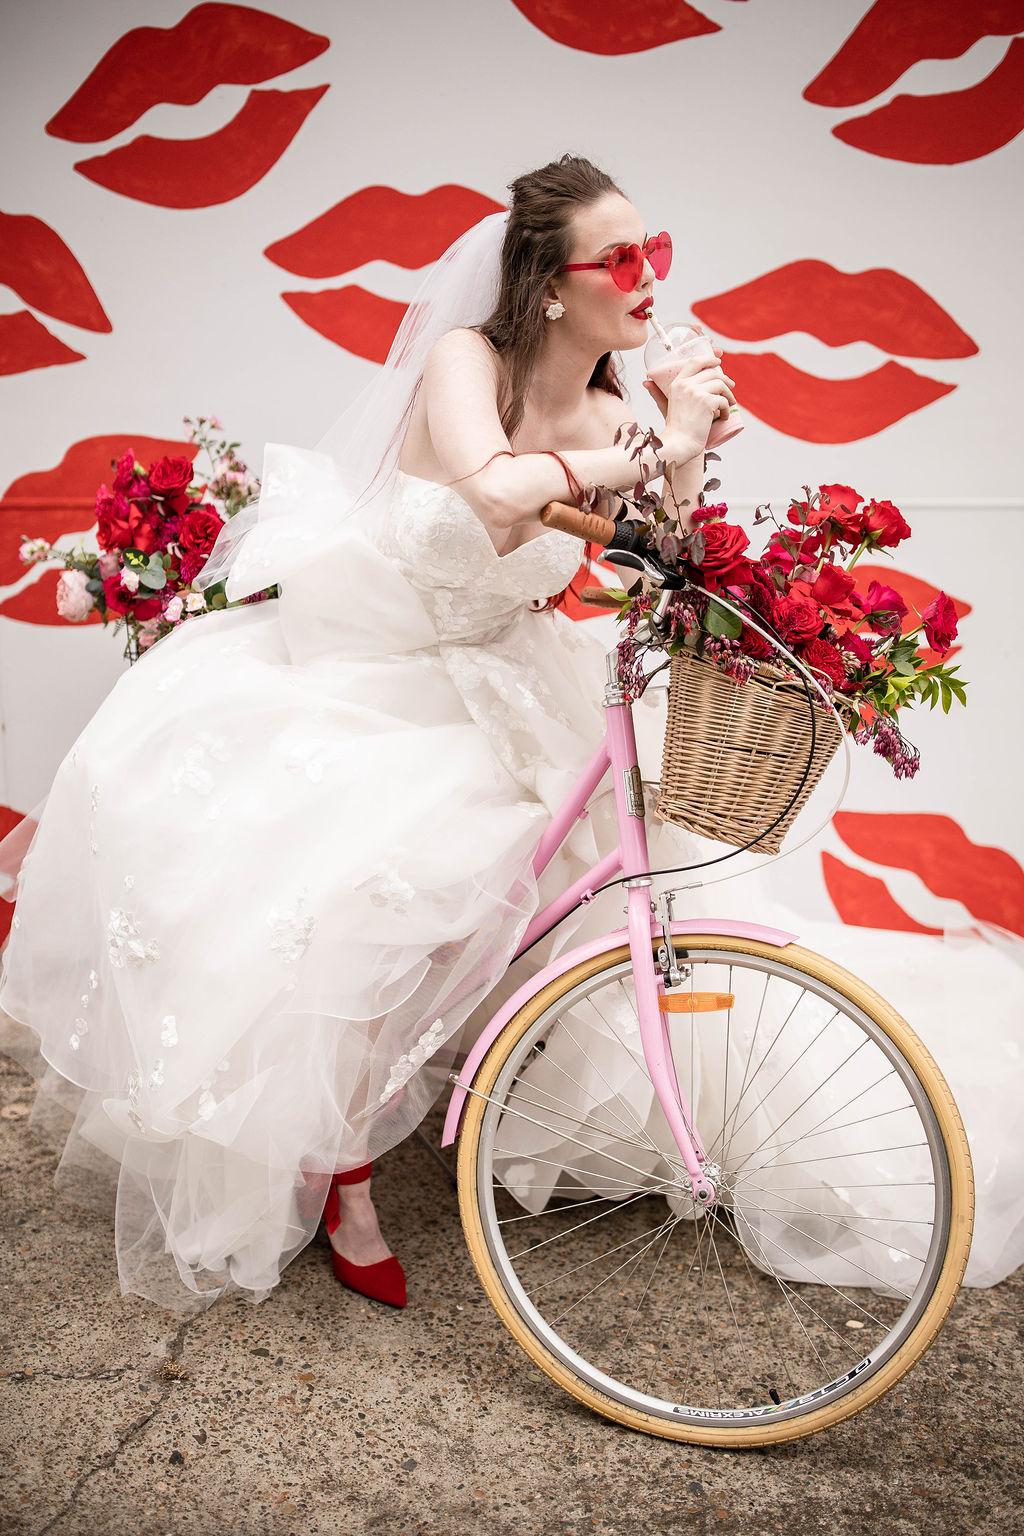 SWEET VALENTINE'S BRIDE